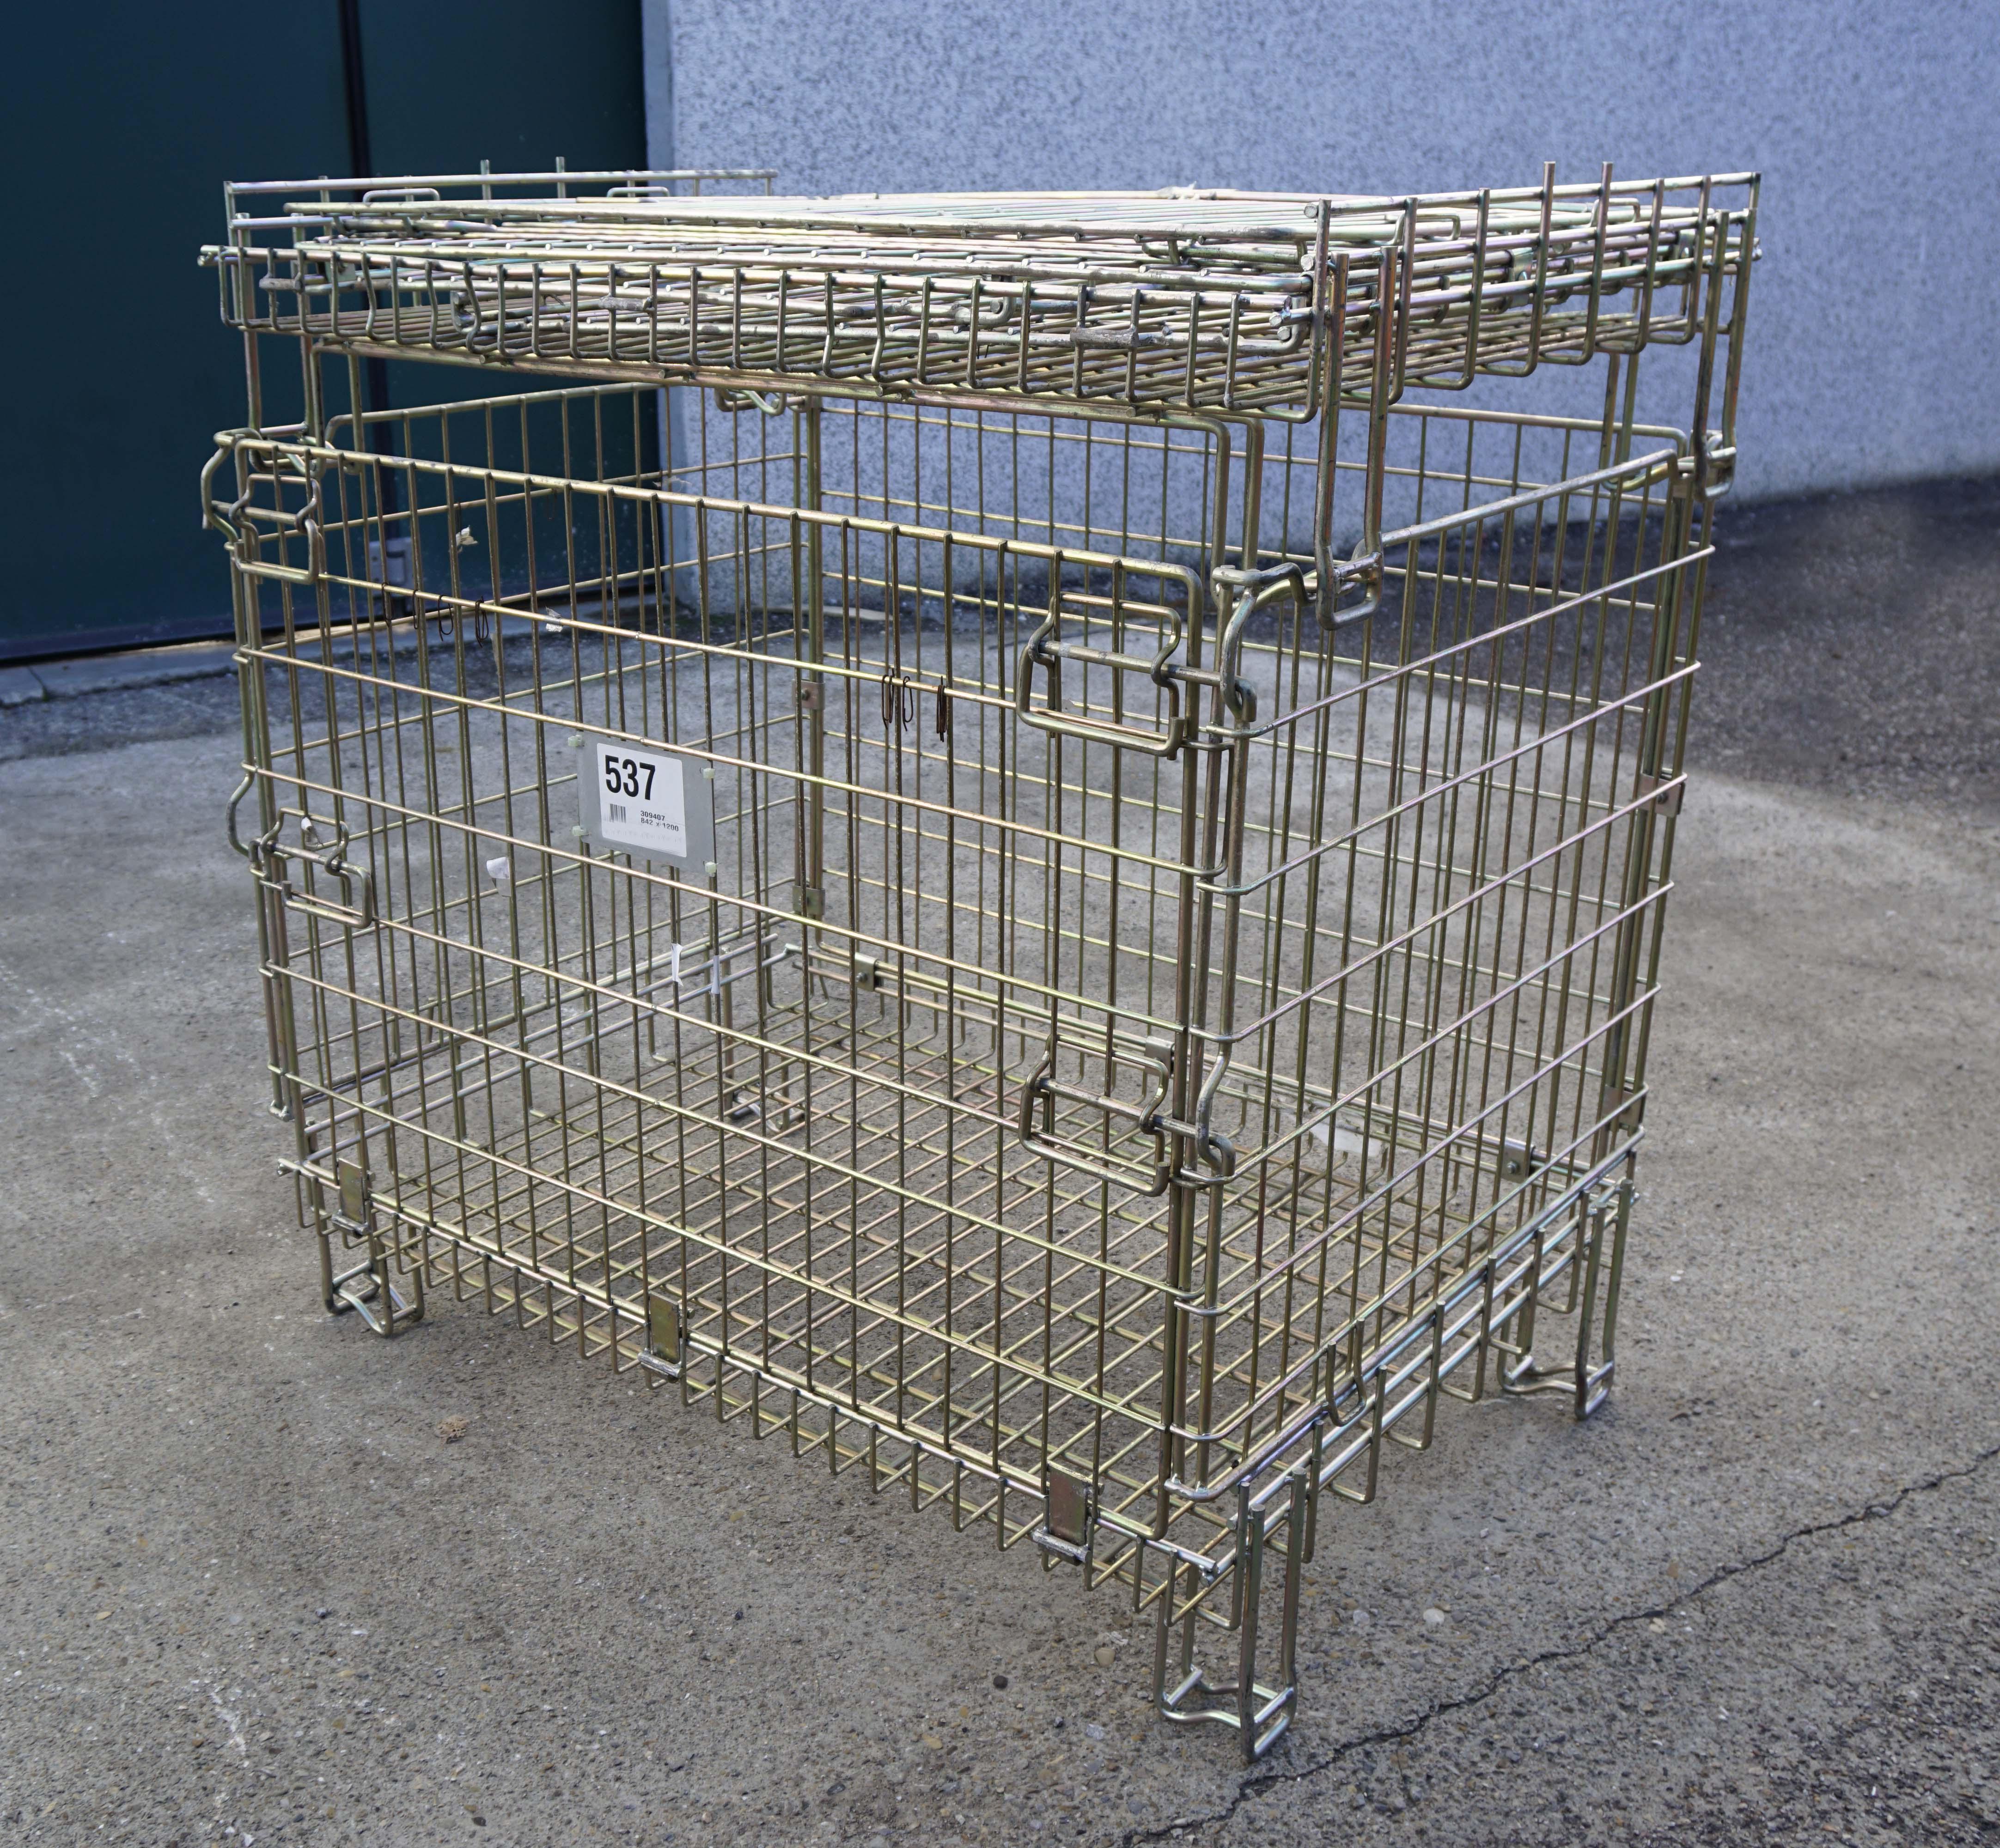 Ceste o cestoni in filo metallico richiudibili in vendita - foto 5